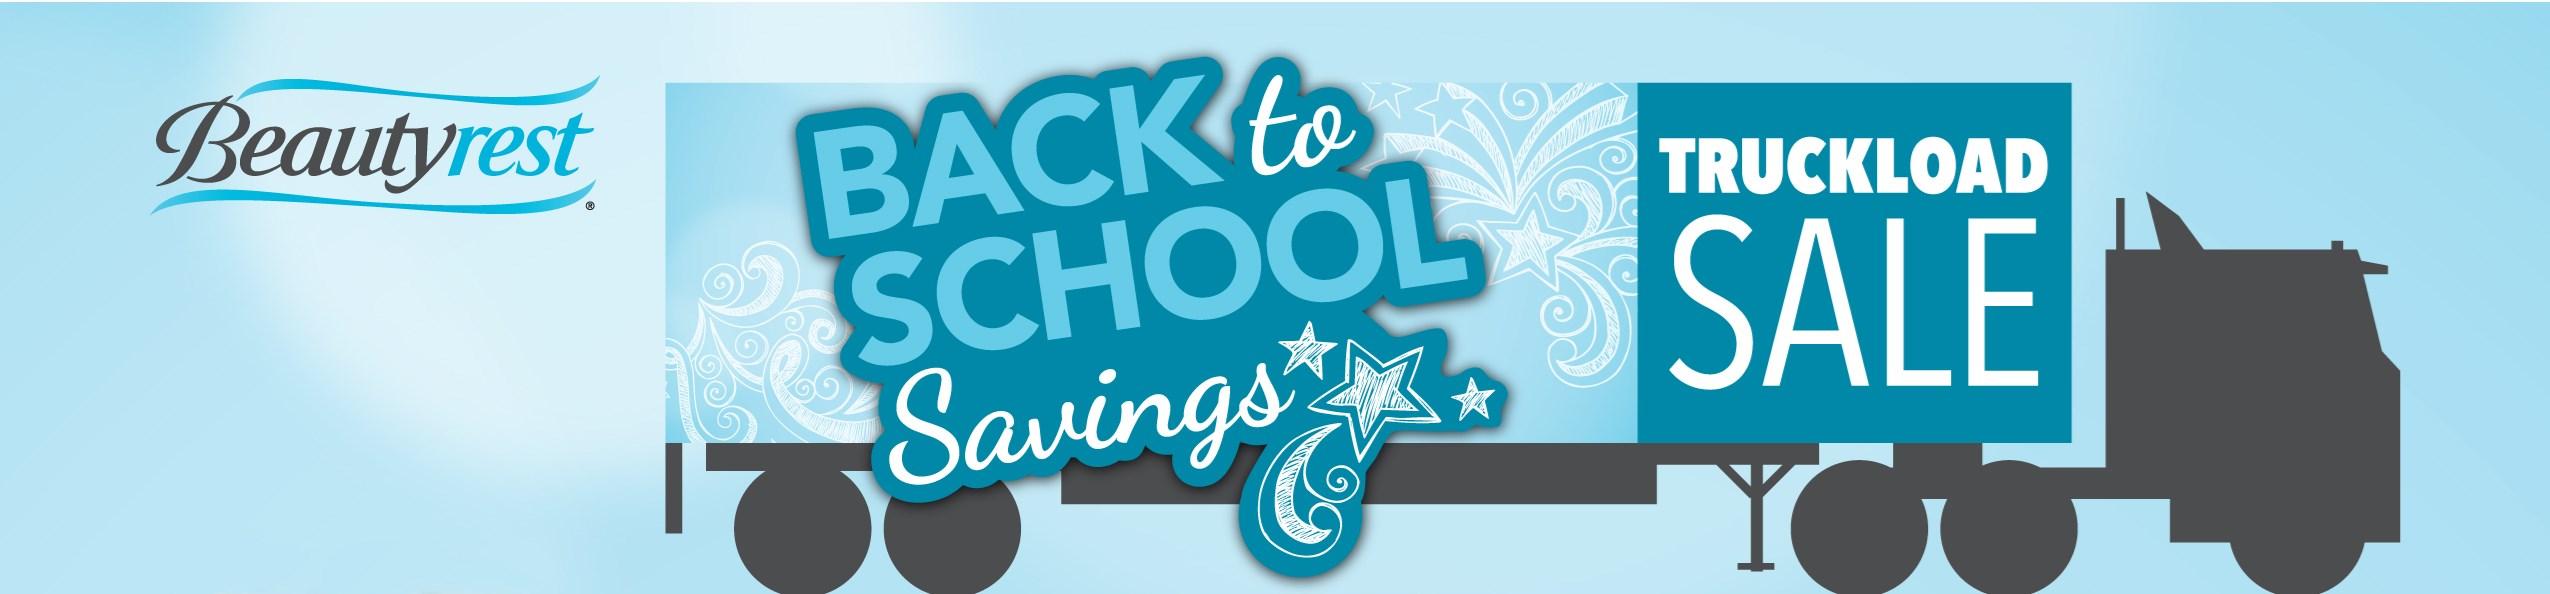 Back to School Mattress Offer